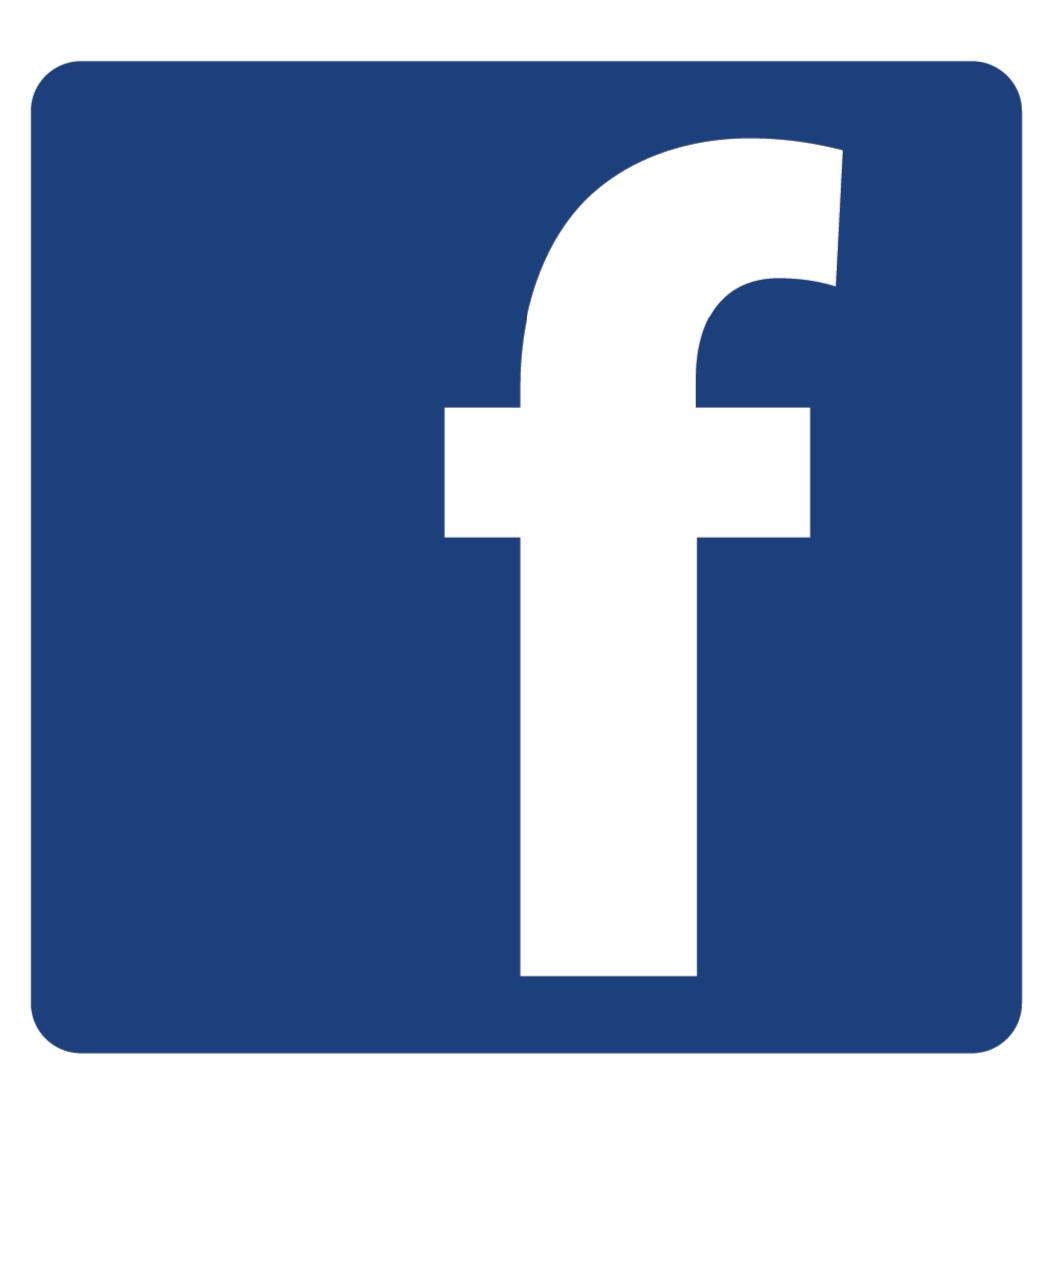 Résultats de recherche d'images pour «icône Fb»